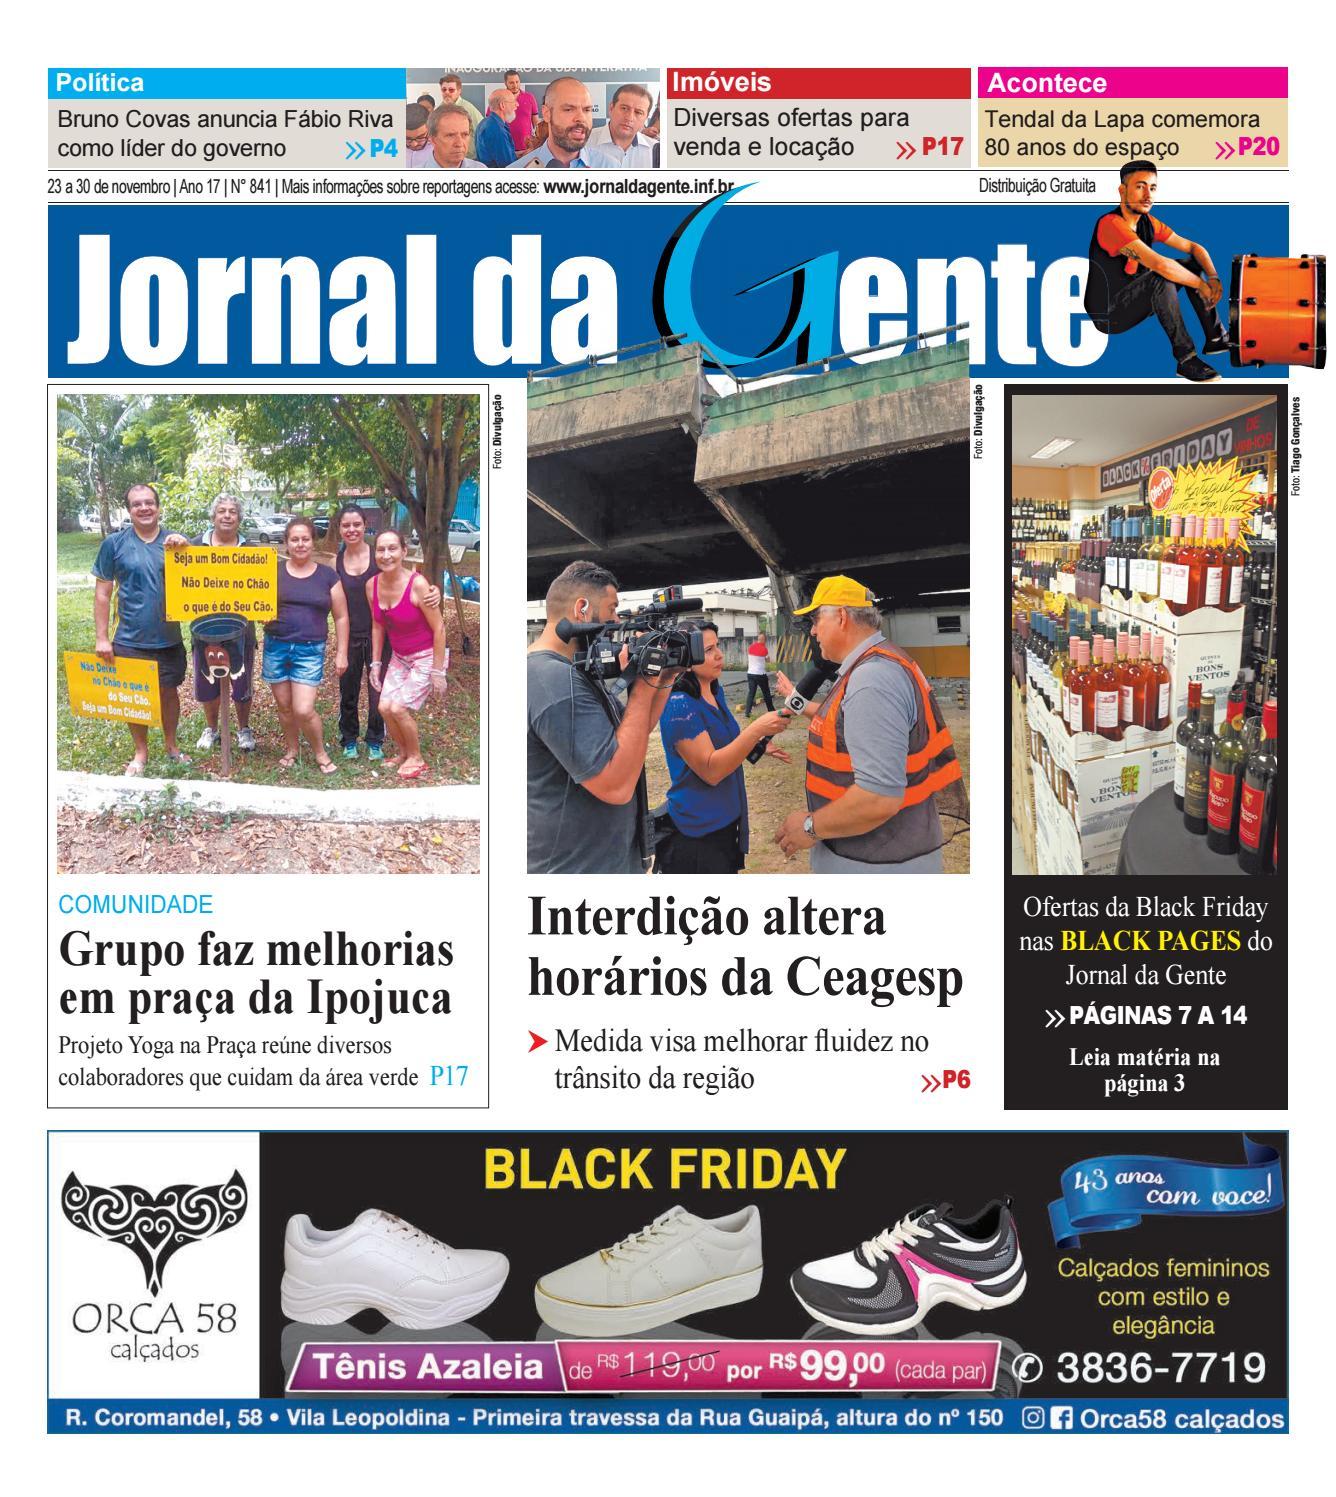 896c075757 Jornal da Gente - Edição 841 - 23 a 30 de novembro de 2018 by Página  Editora e Jornalismo - issuu